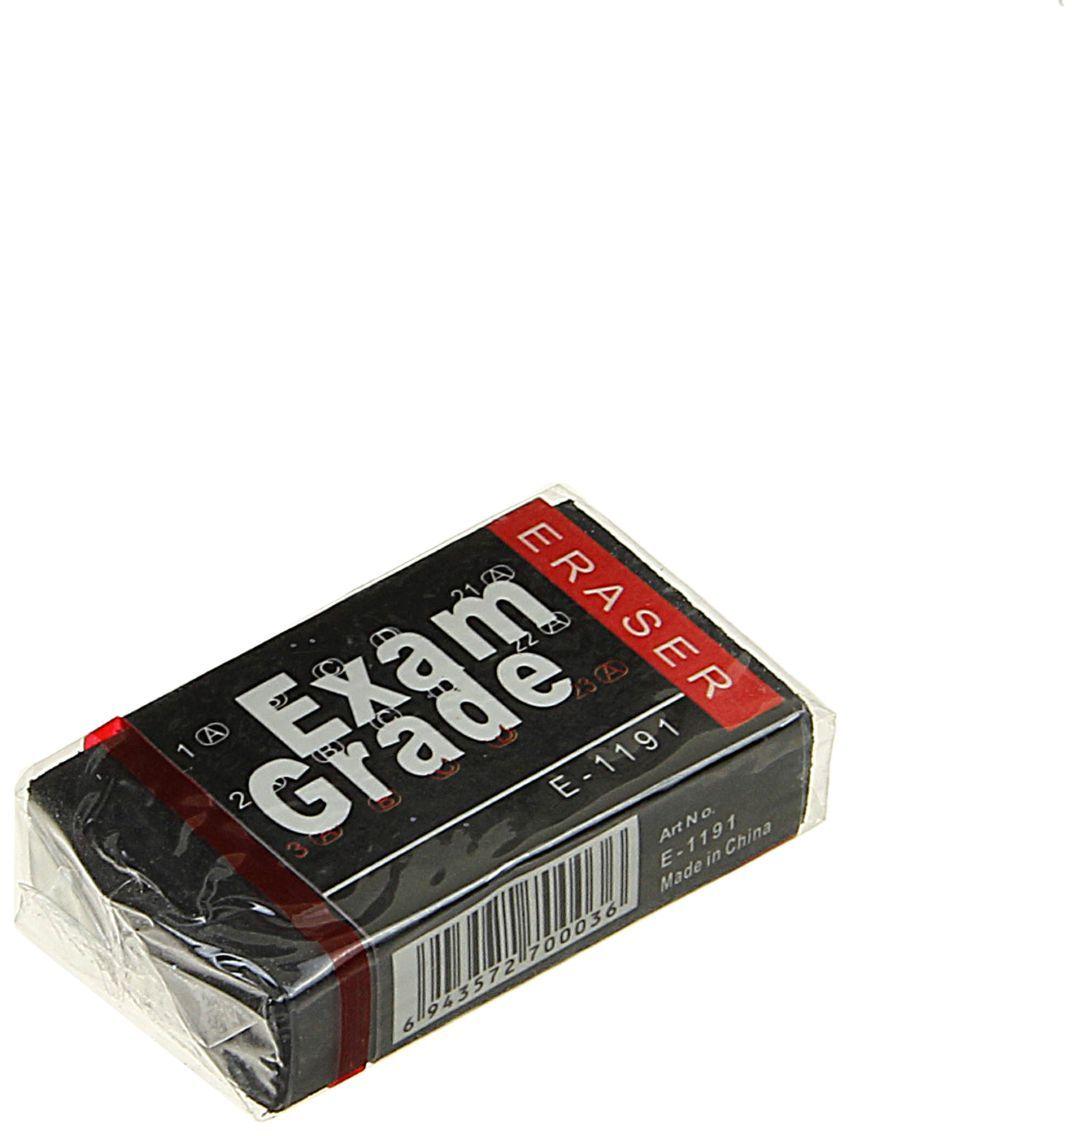 Exam Grade Ластик цвет черный1403244Ластик Exam Grade станет незаменимым аксессуаром на рабочем столе не только школьника или студента, но и офисного работника. Прямоугольной формы ластик выполнен из синтетики. Подходит для всех видов бумаги.Не оставляет мелкой пыли и крошек.